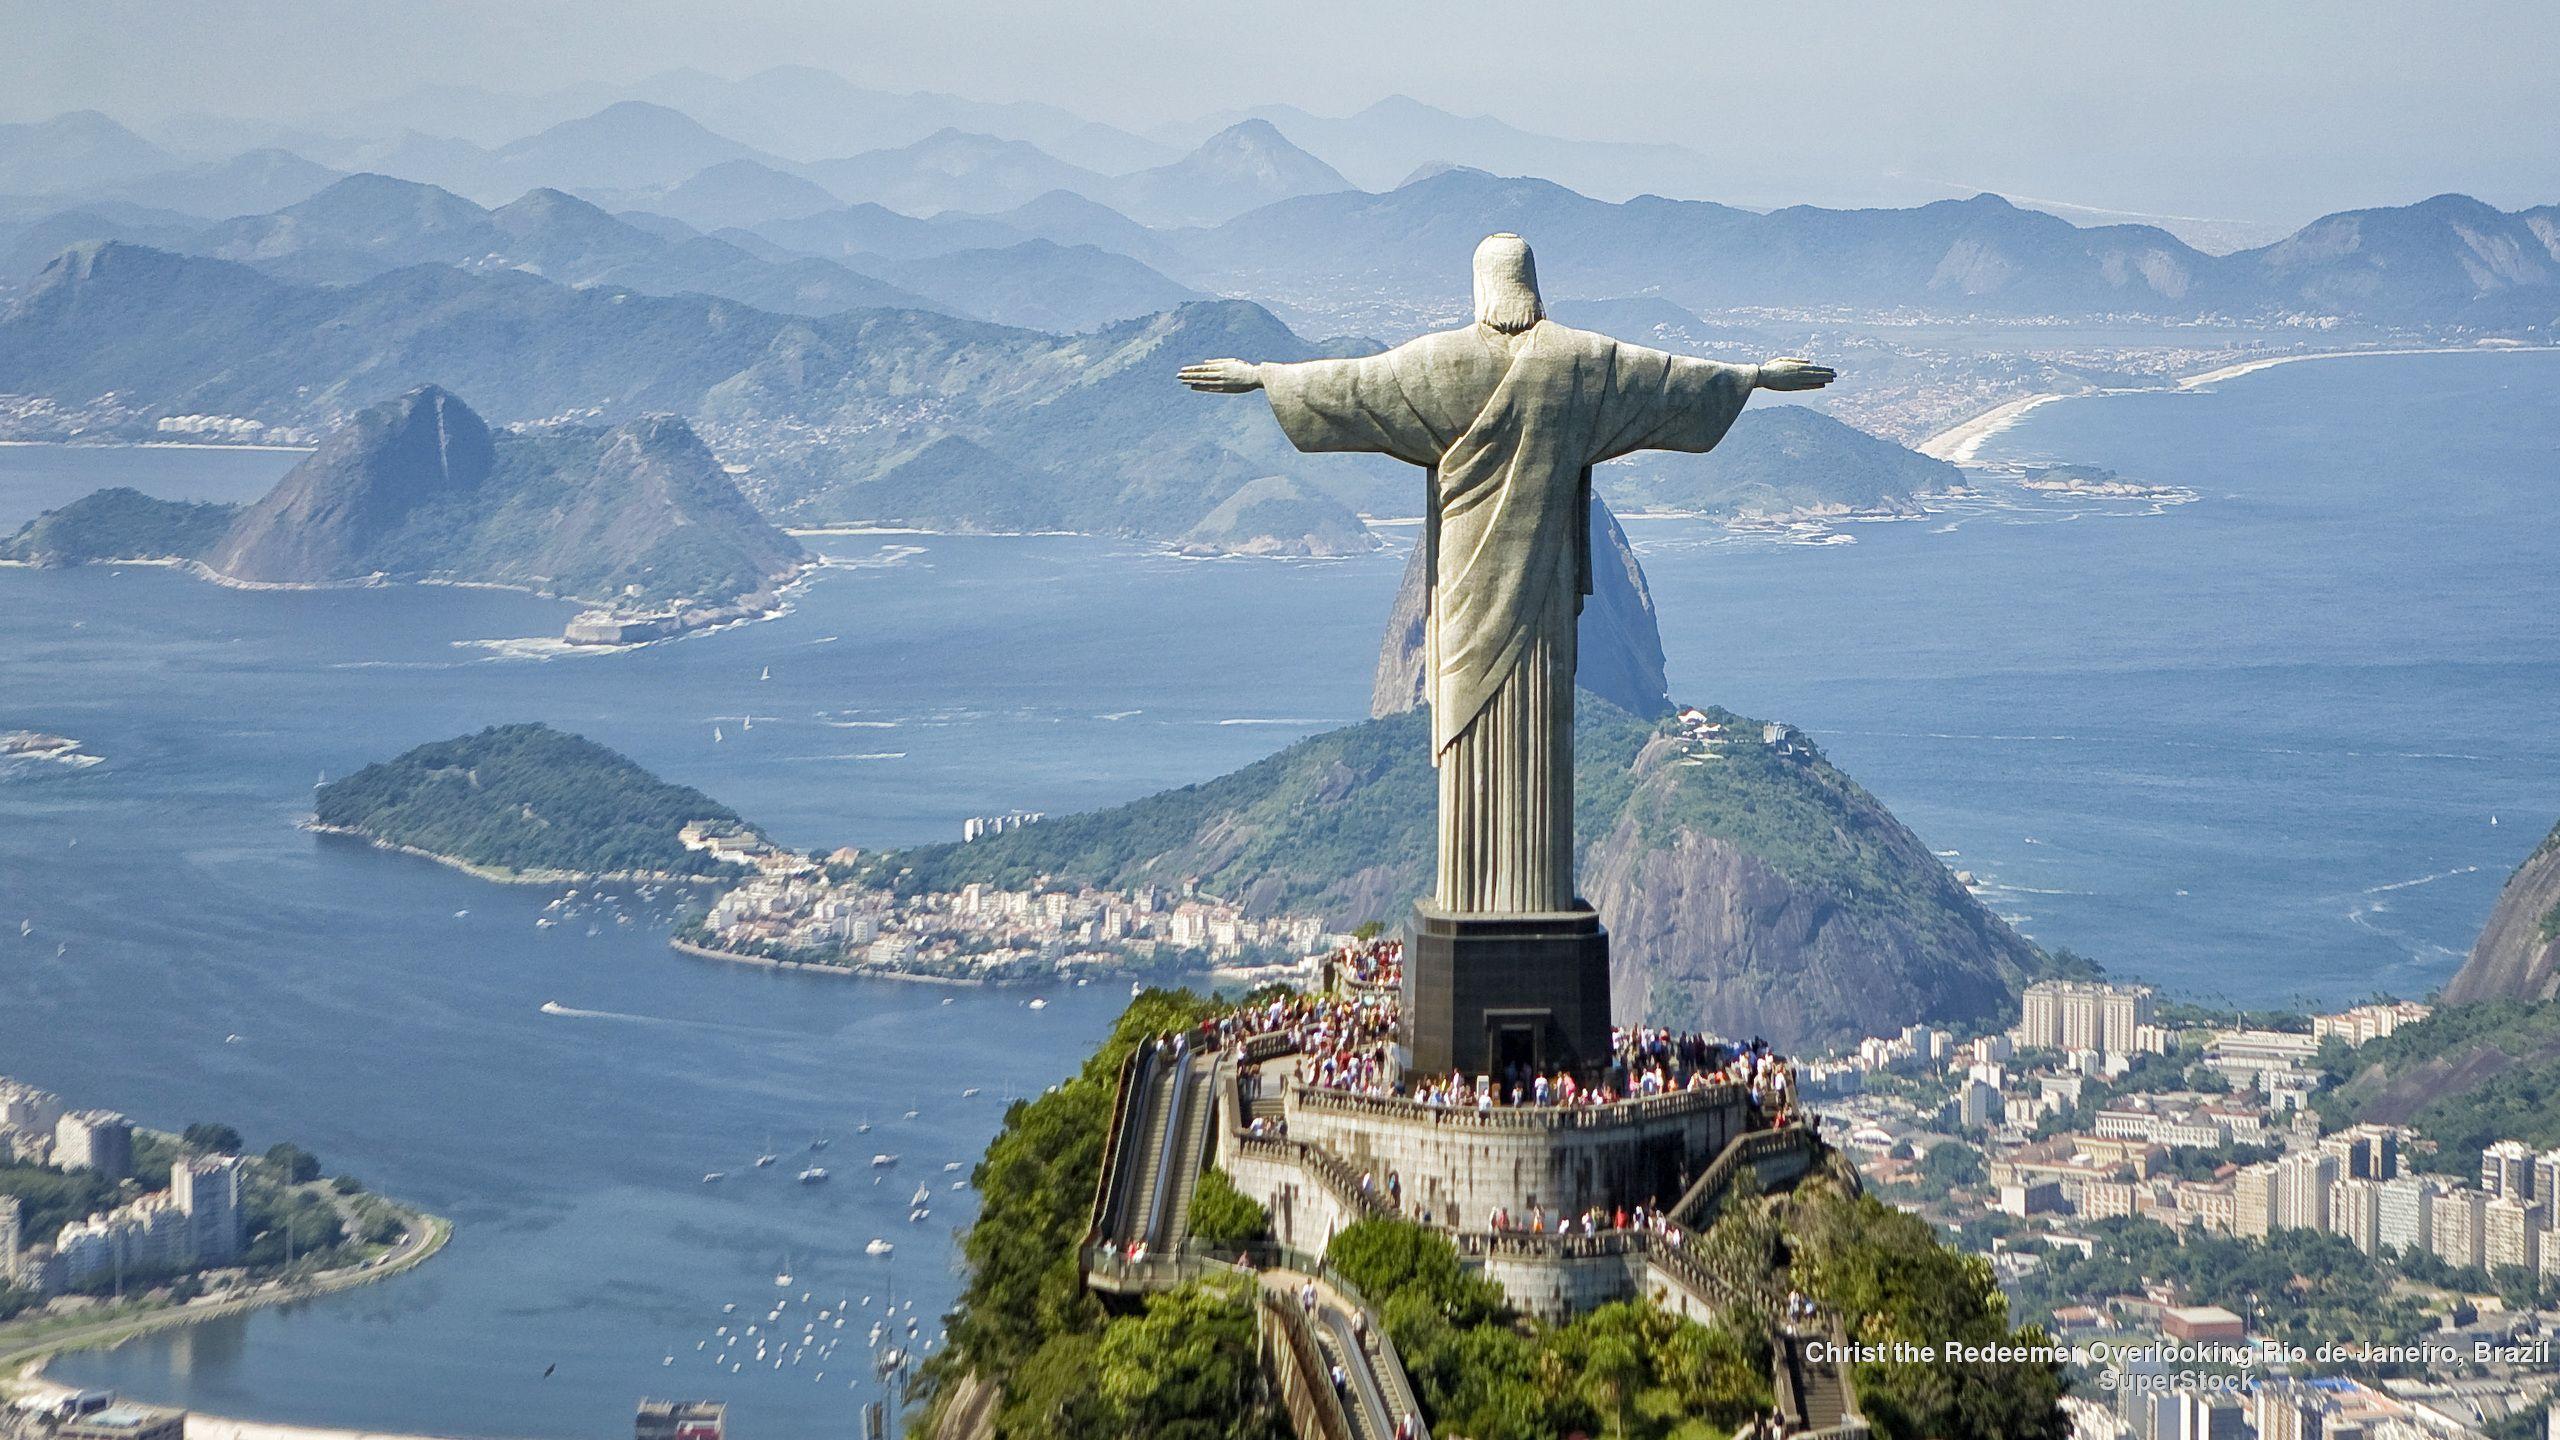 Christ The Redeemer Overlooking Rio De Janeiro Brazil Christ The Redeemer Wonders Of The World Brazil Wallpaper